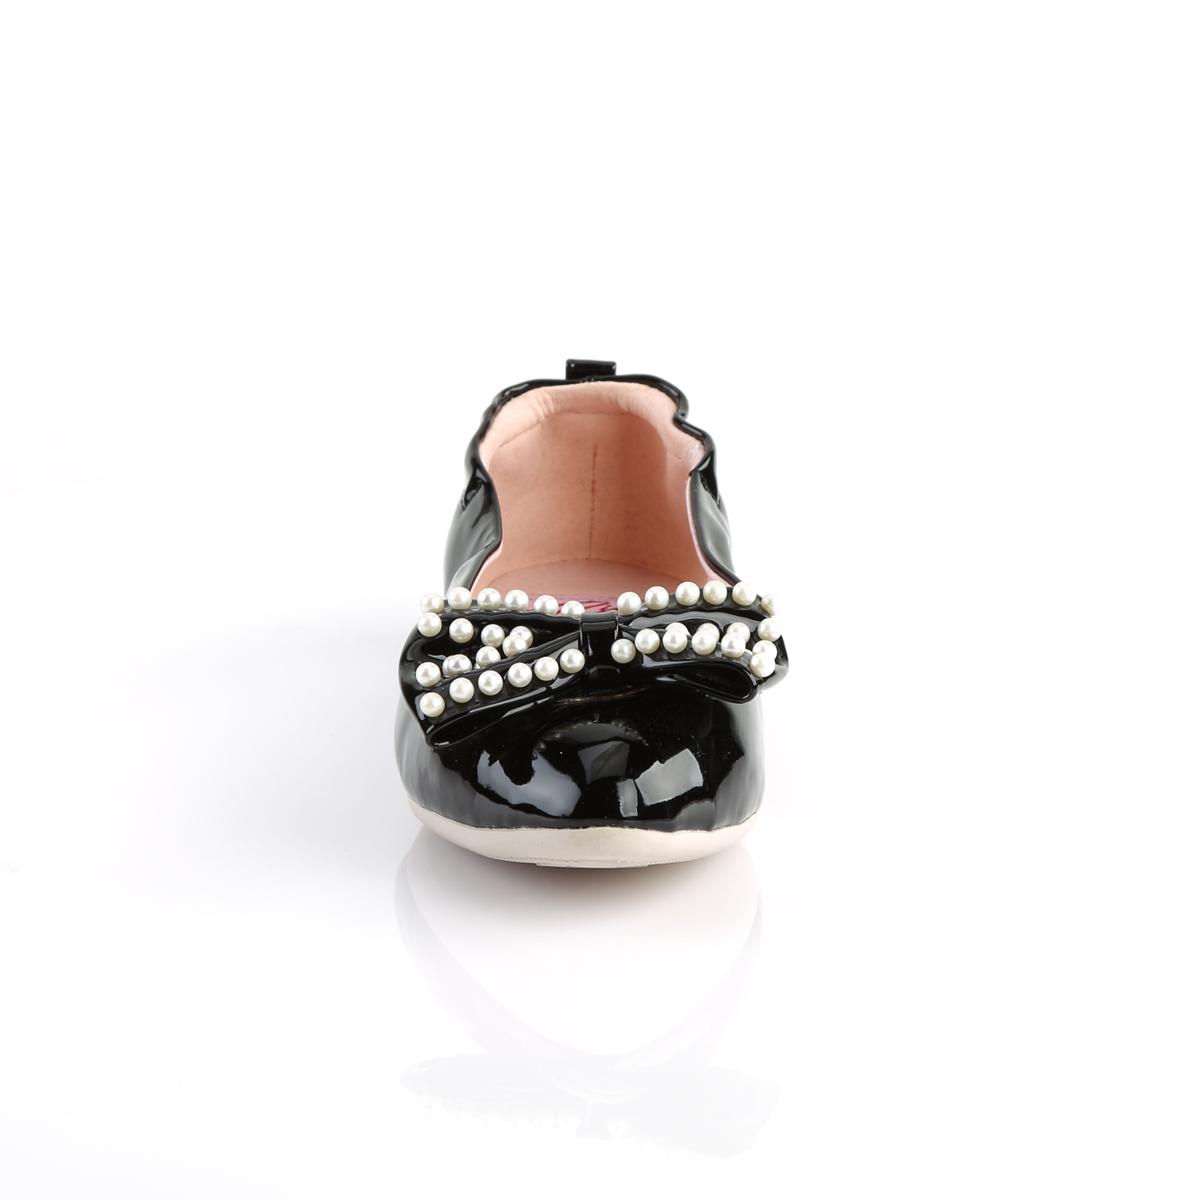 Pin Up Couture IVY-09 Günstige und gute Schuhe